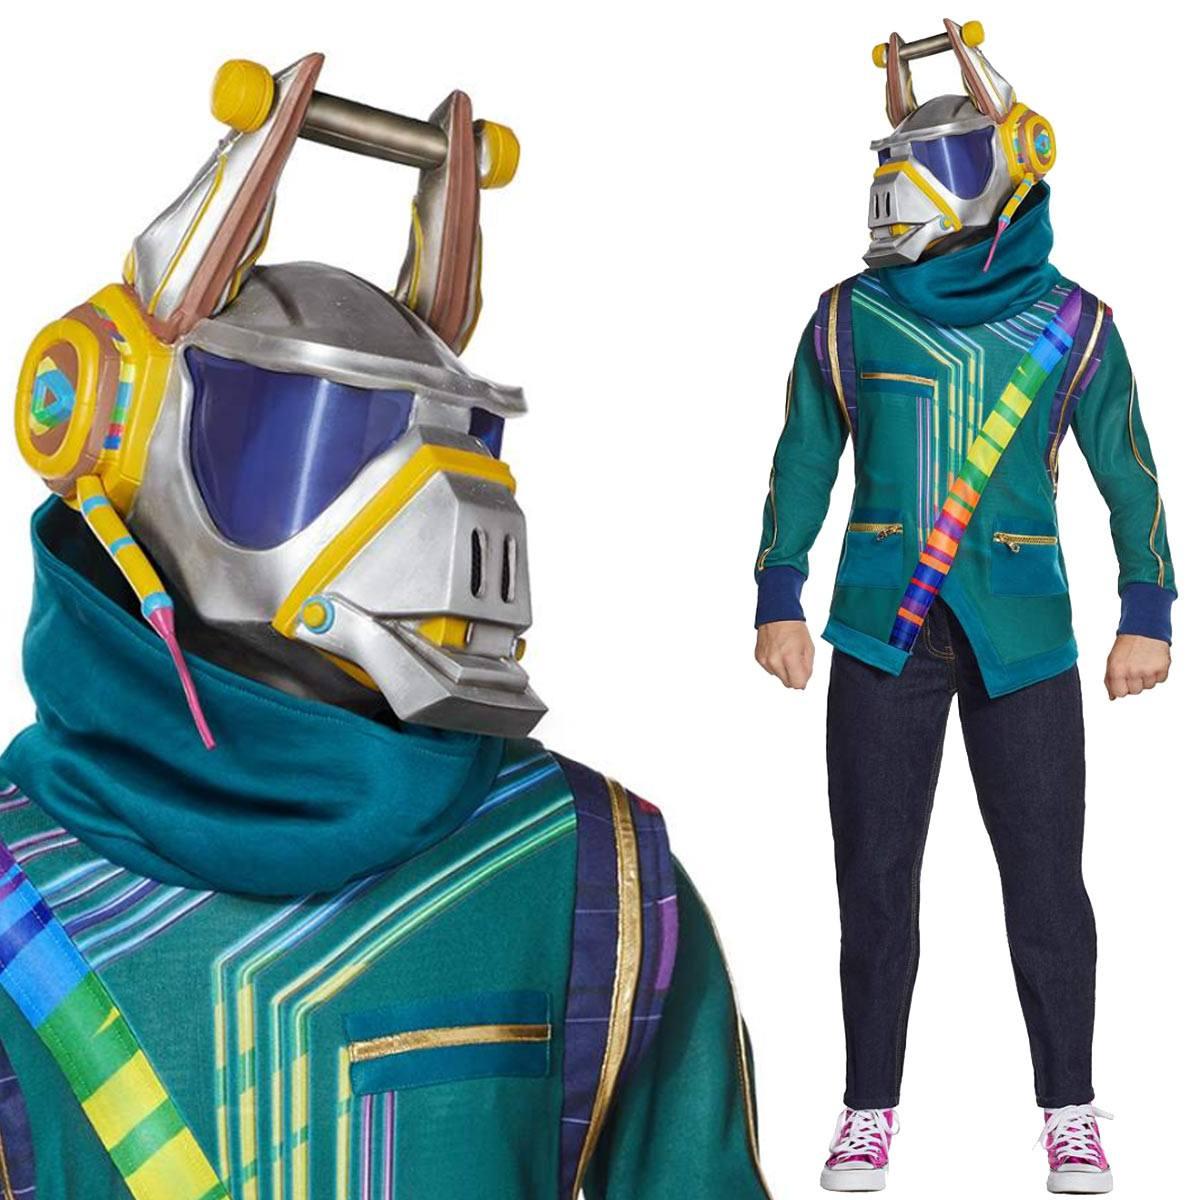 フォートナイト コスプレ DJ ヨンダー 子供用 コスチューム 服 グッズ スキン 公式 Fortnite